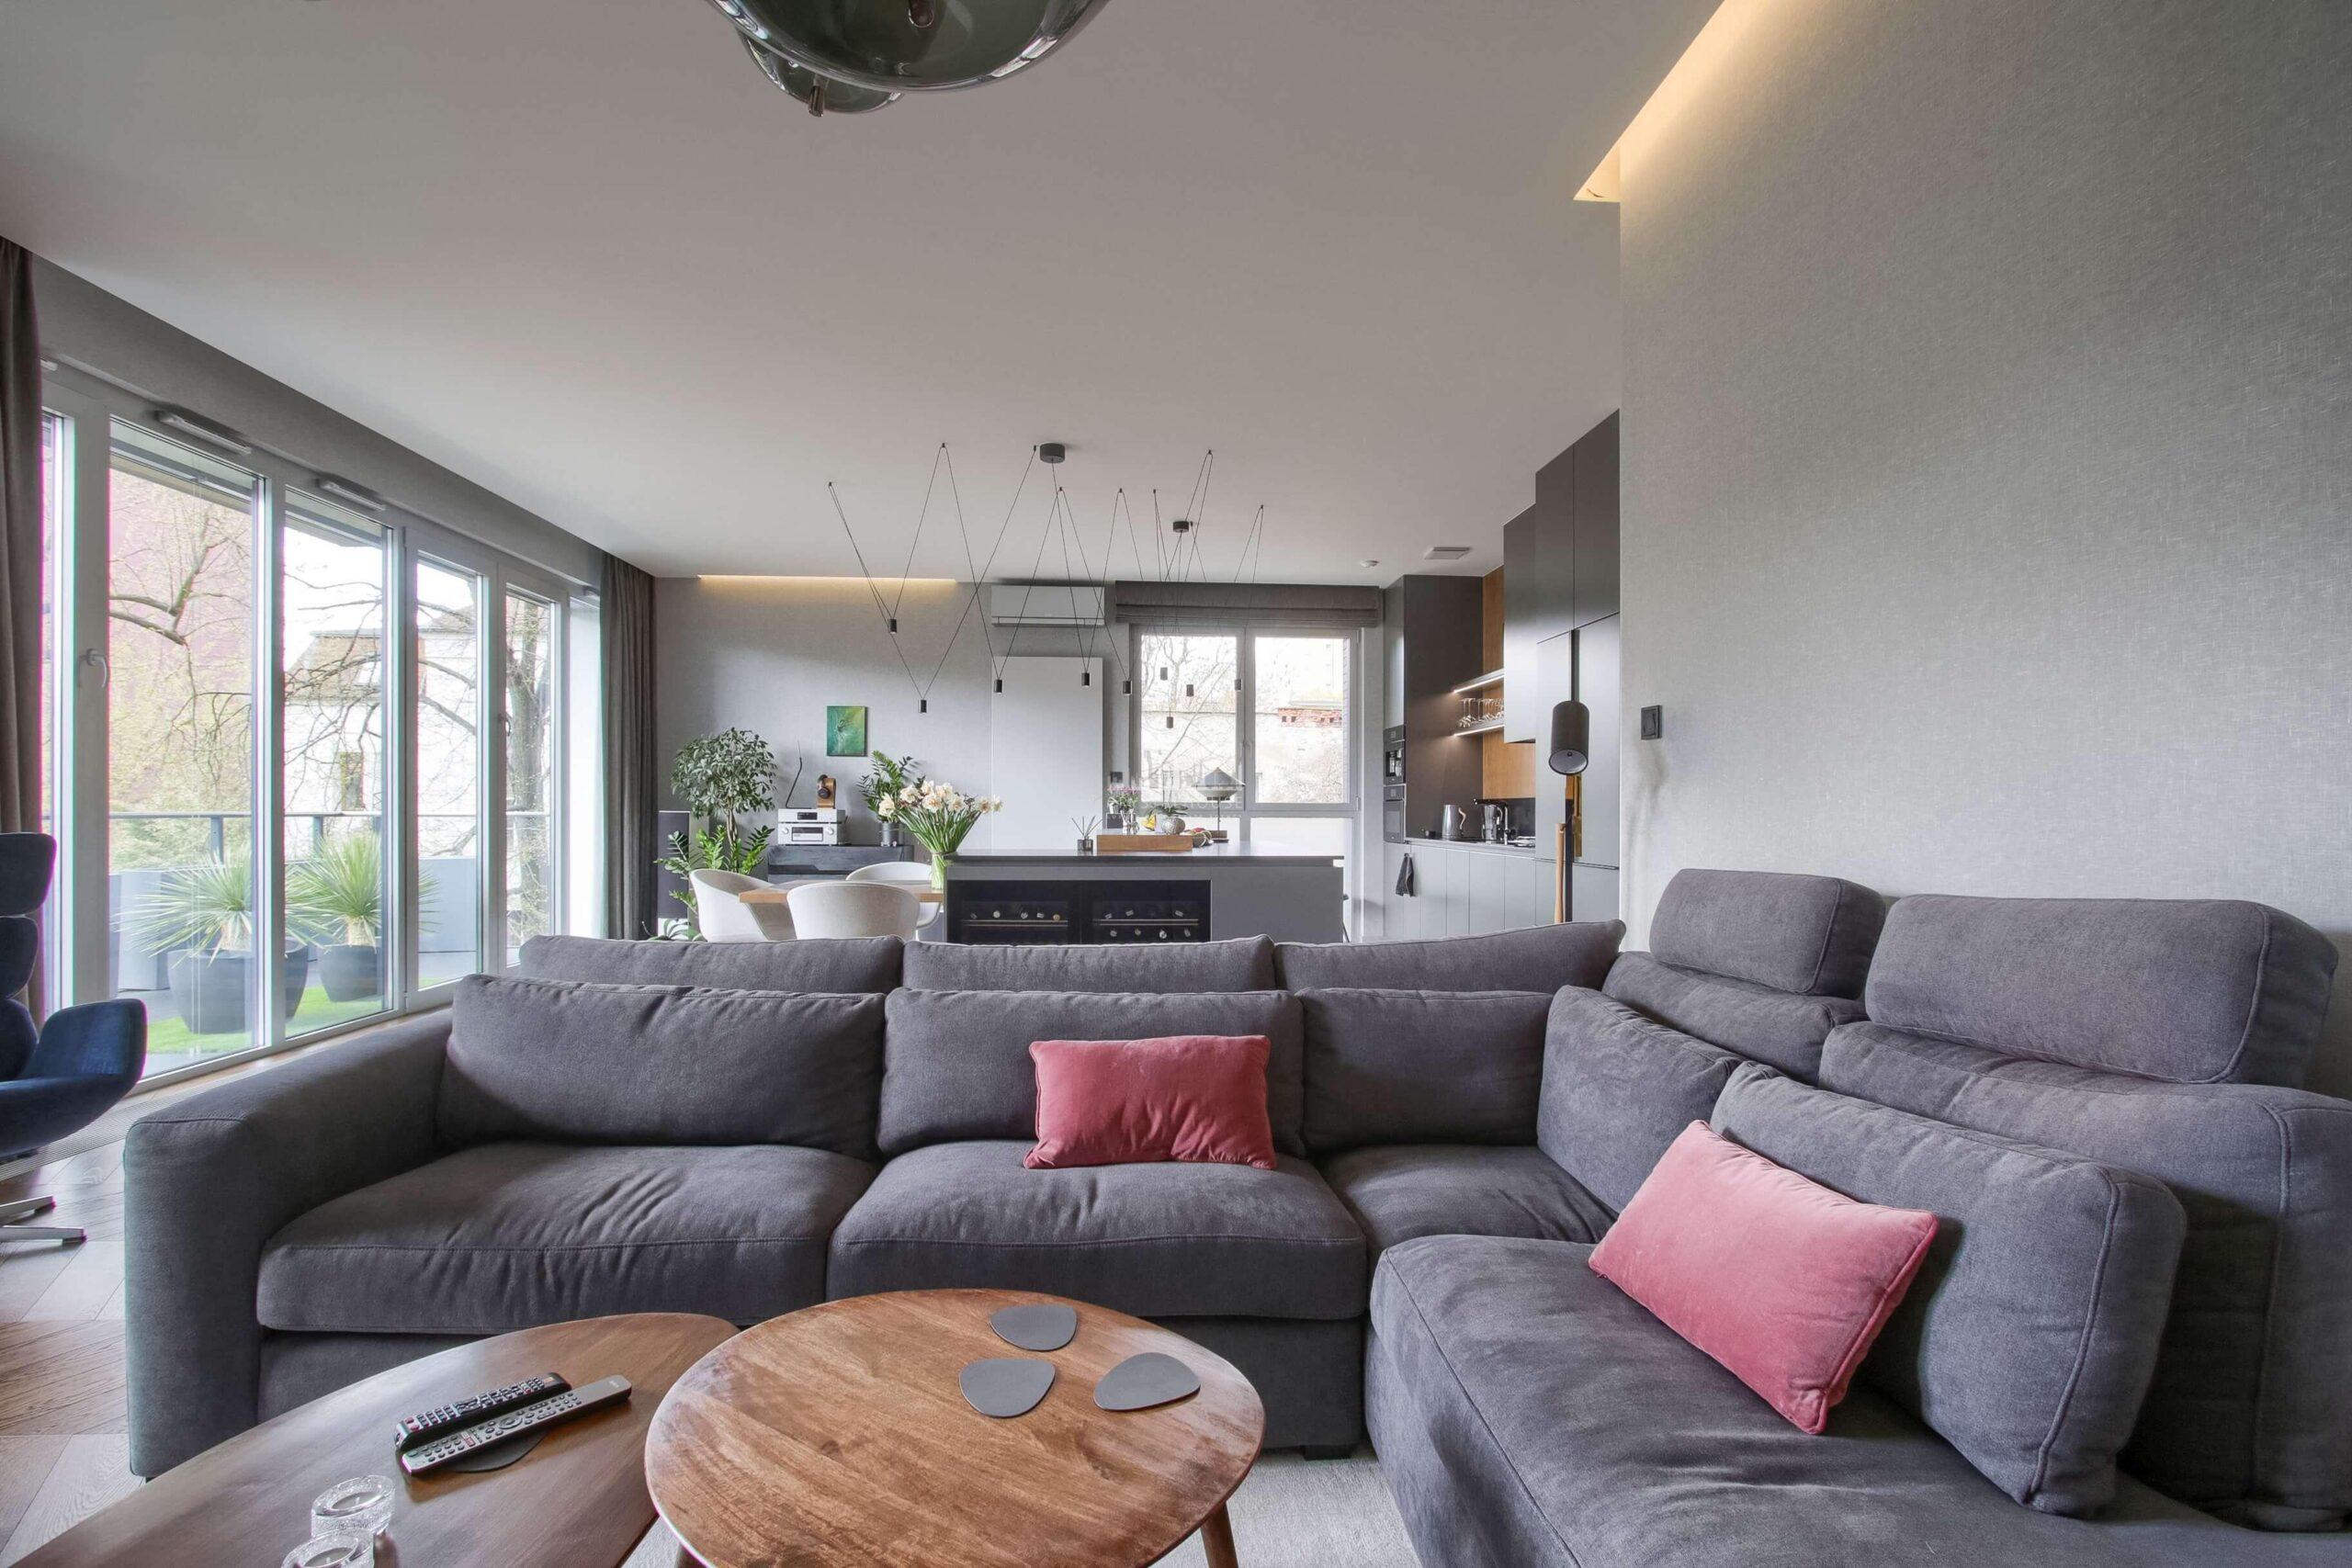 Apartament inwestycyjny Mokotów